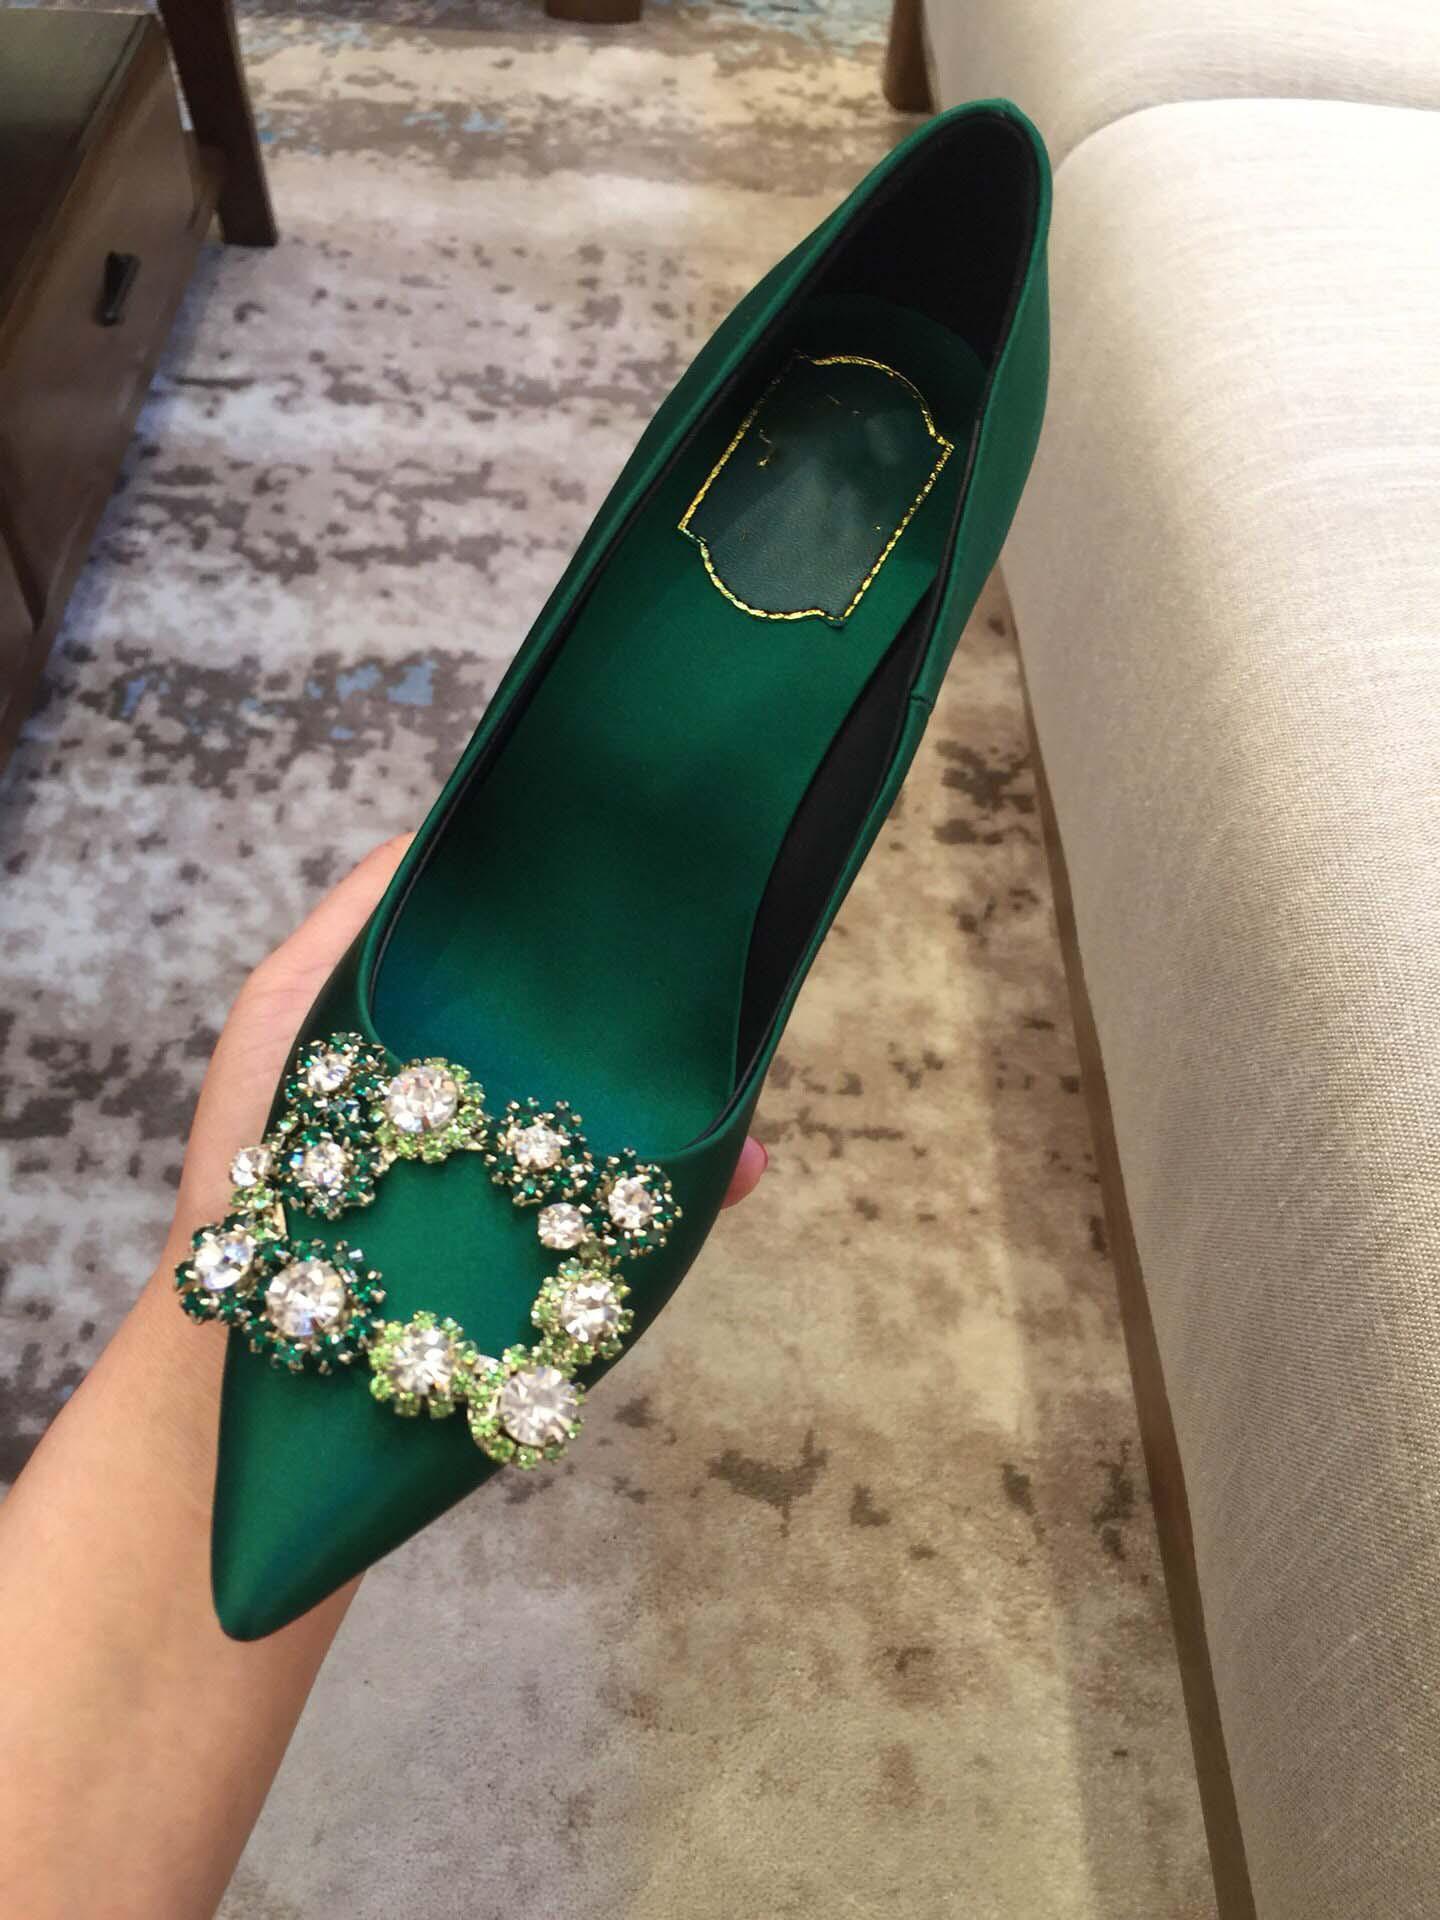 绿色高跟鞋 绿色绸缎平底单鞋水钻尖头中跟新款细跟方扣春女法式高跟鞋大码43_推荐淘宝好看的绿色高跟鞋